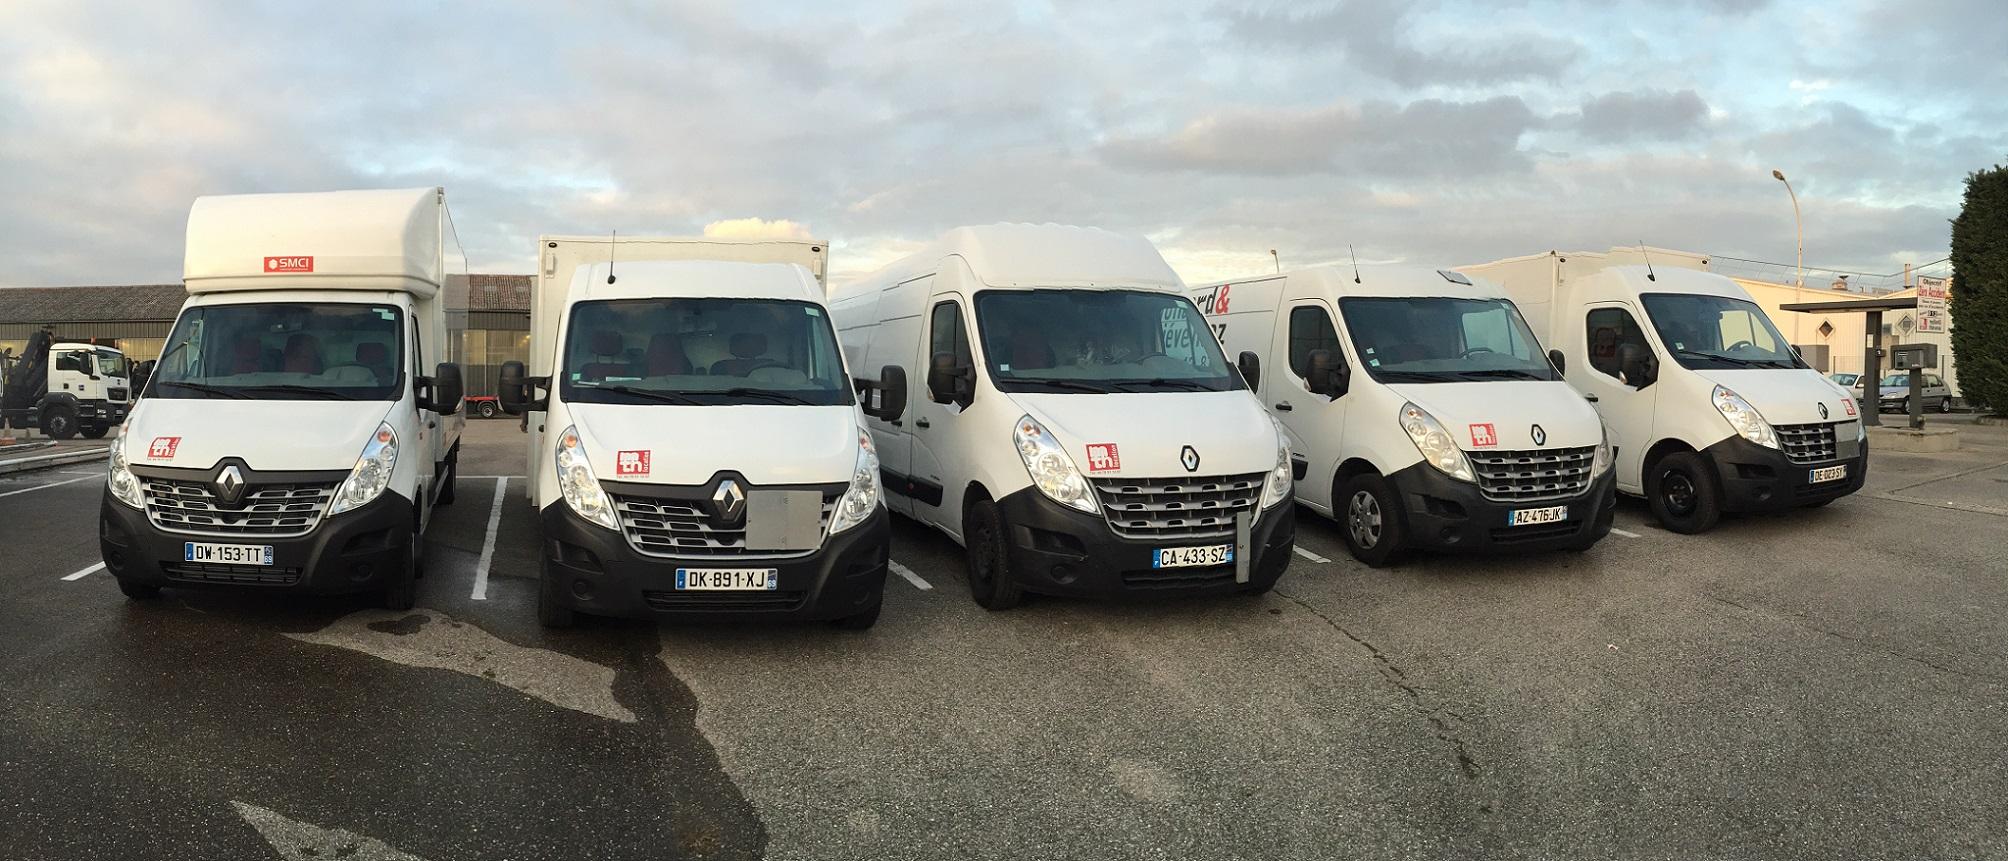 Mollard et Thiévenaz location est un spécialiste multi-marques de la location longue durée de véhicules utilitaires (fo